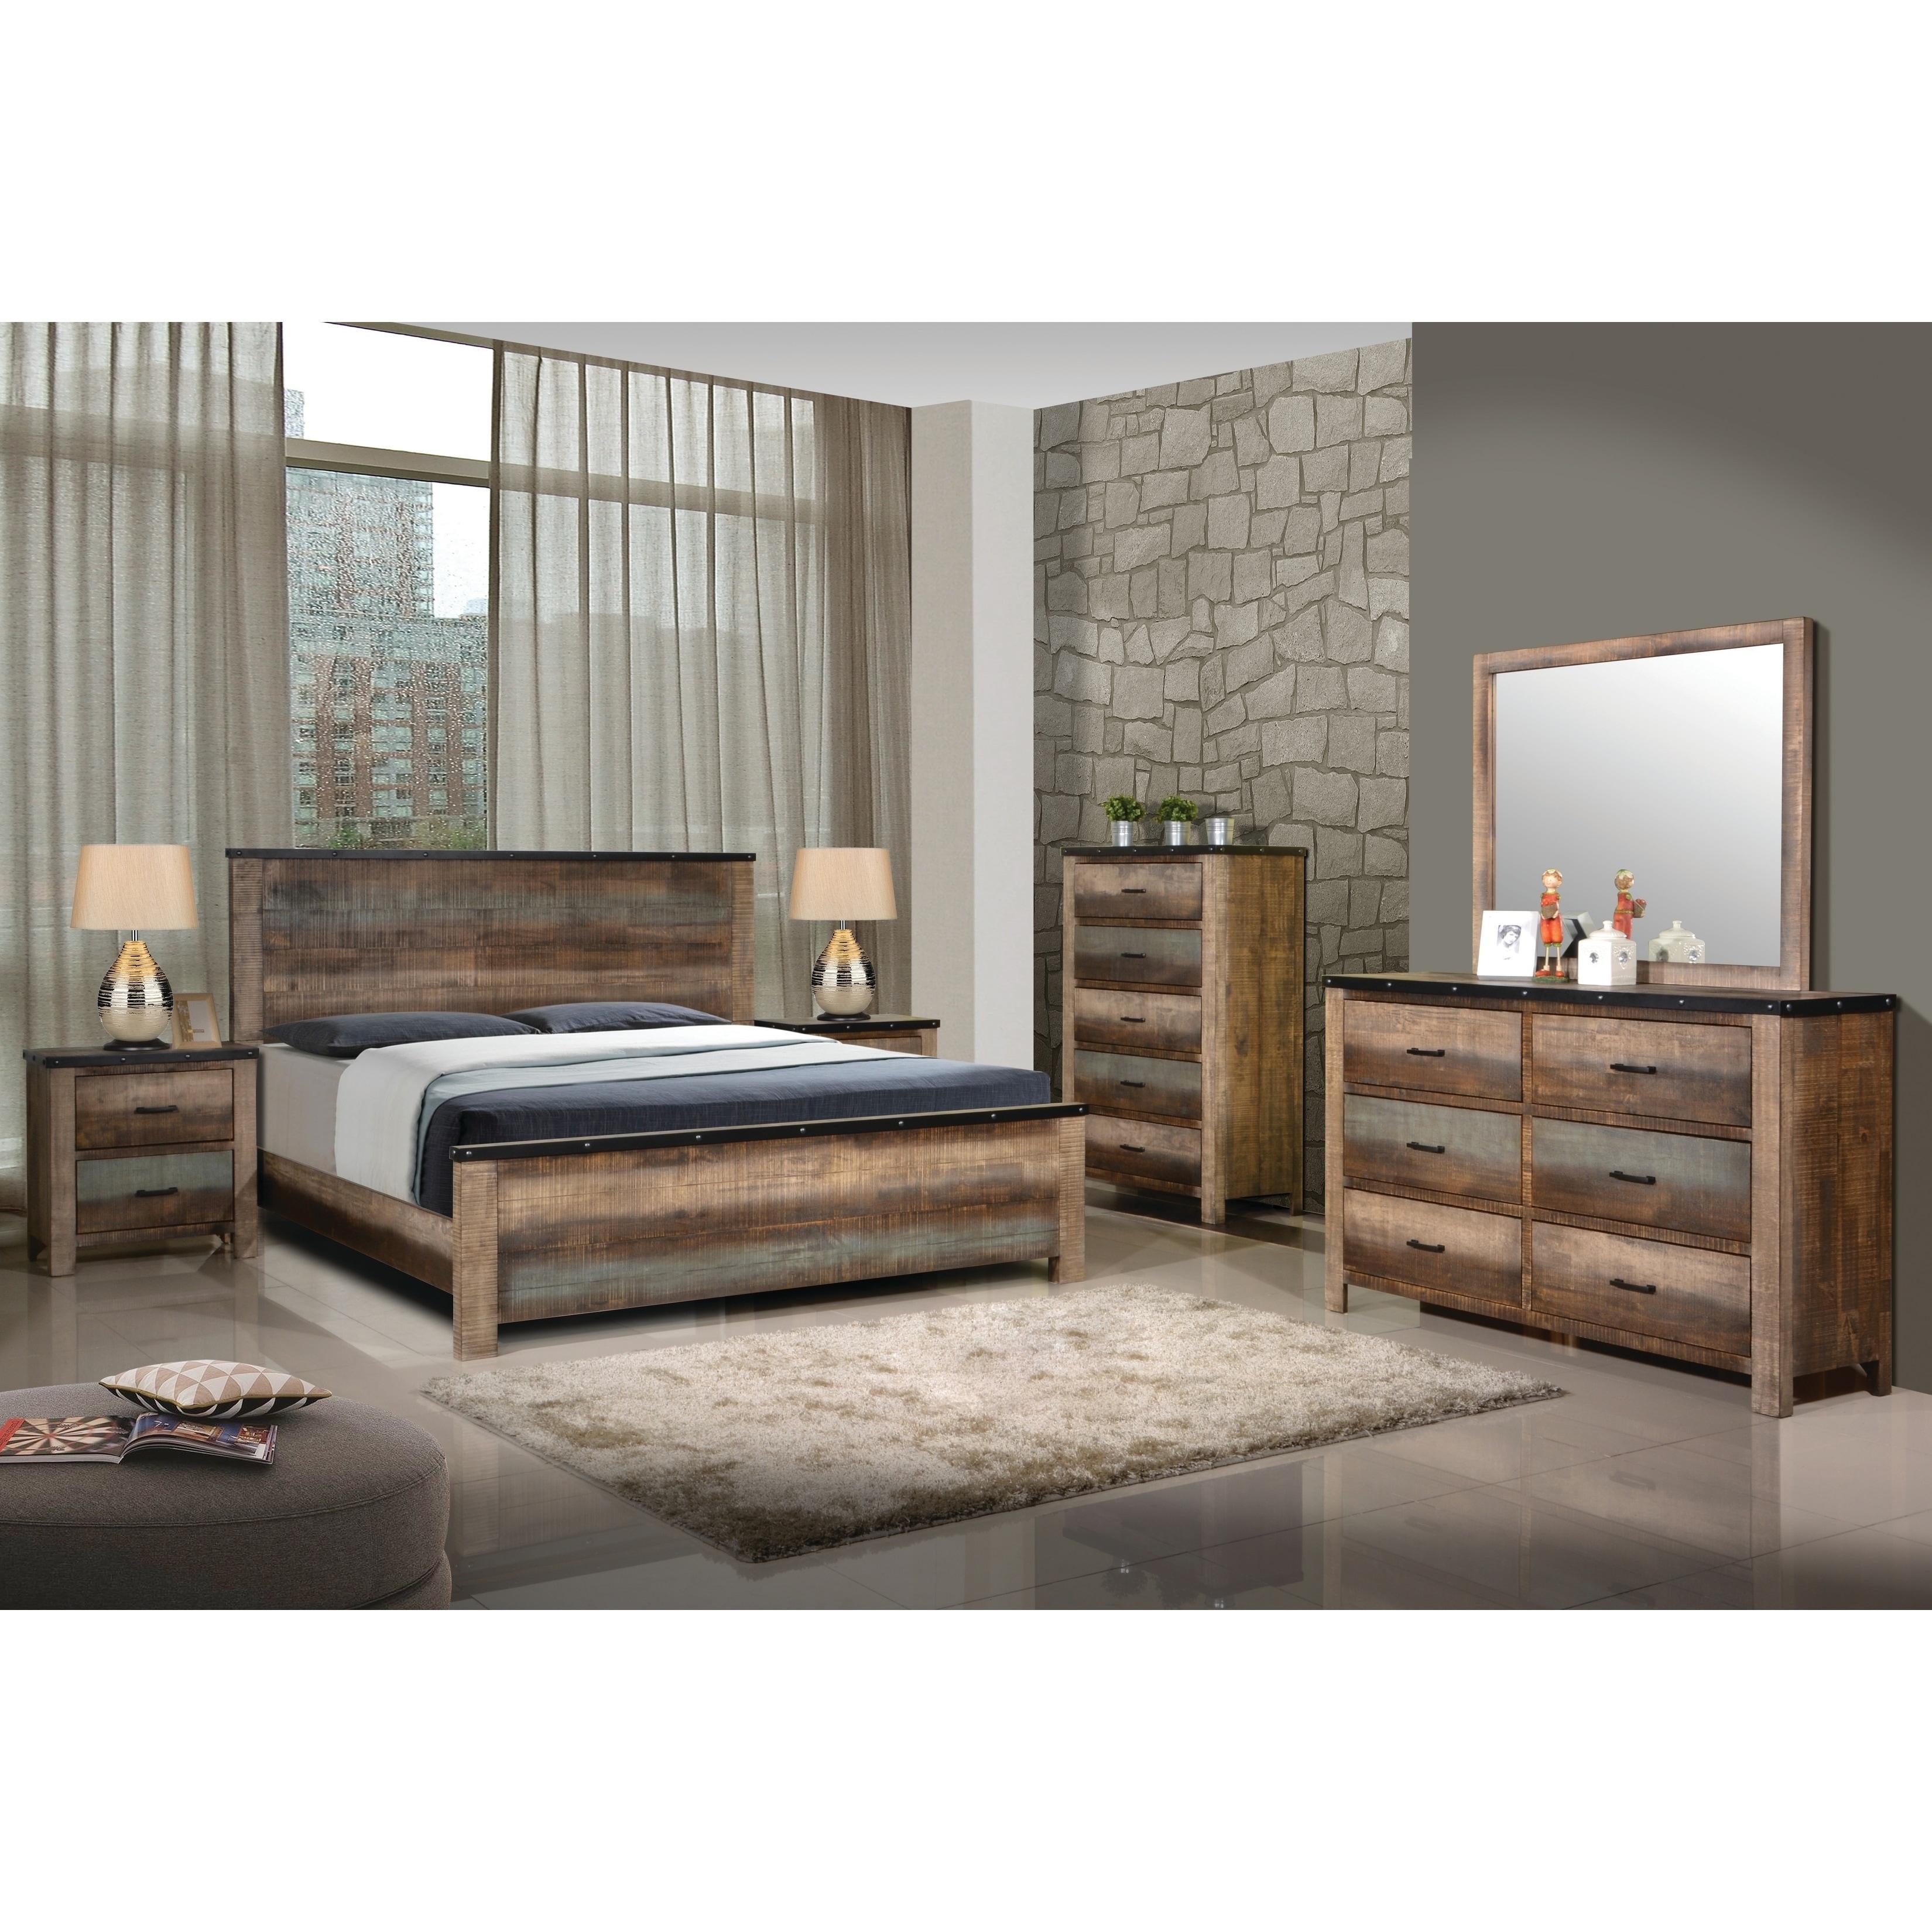 Rustic Bedroom Sets  sc 1 st  Overstock.com & Buy Rustic Bedroom Sets Online at Overstock   Our Best Bedroom ...